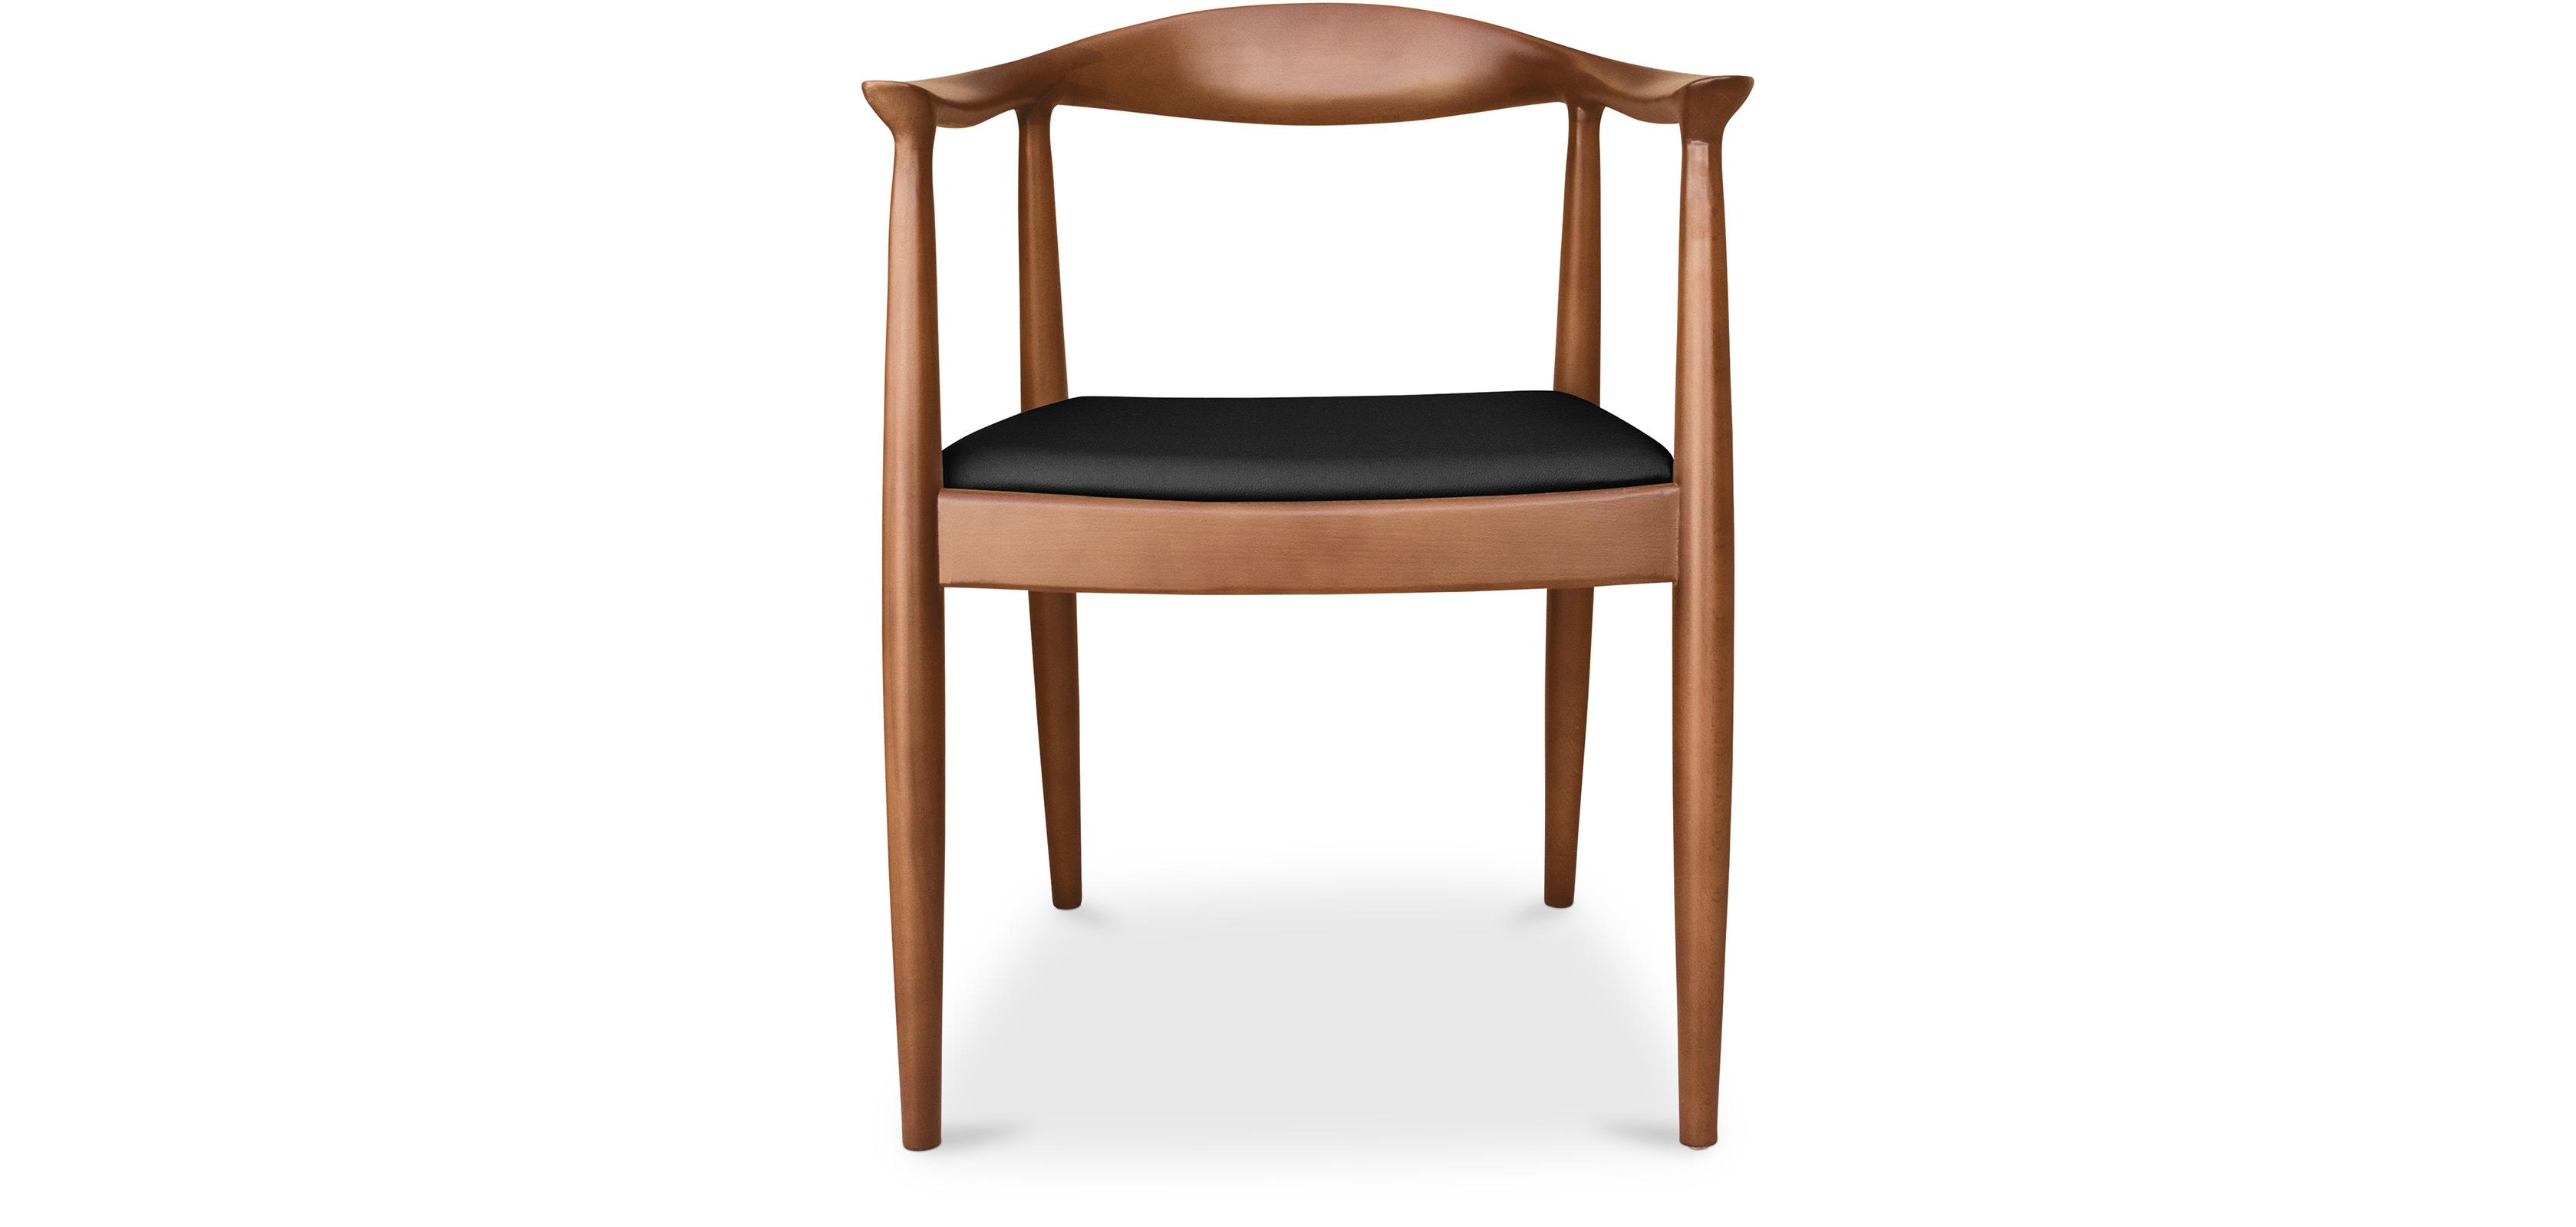 Skandinavischen Stil Stuhl The Chair Hans J. Wegner - Hochwertiges Leder